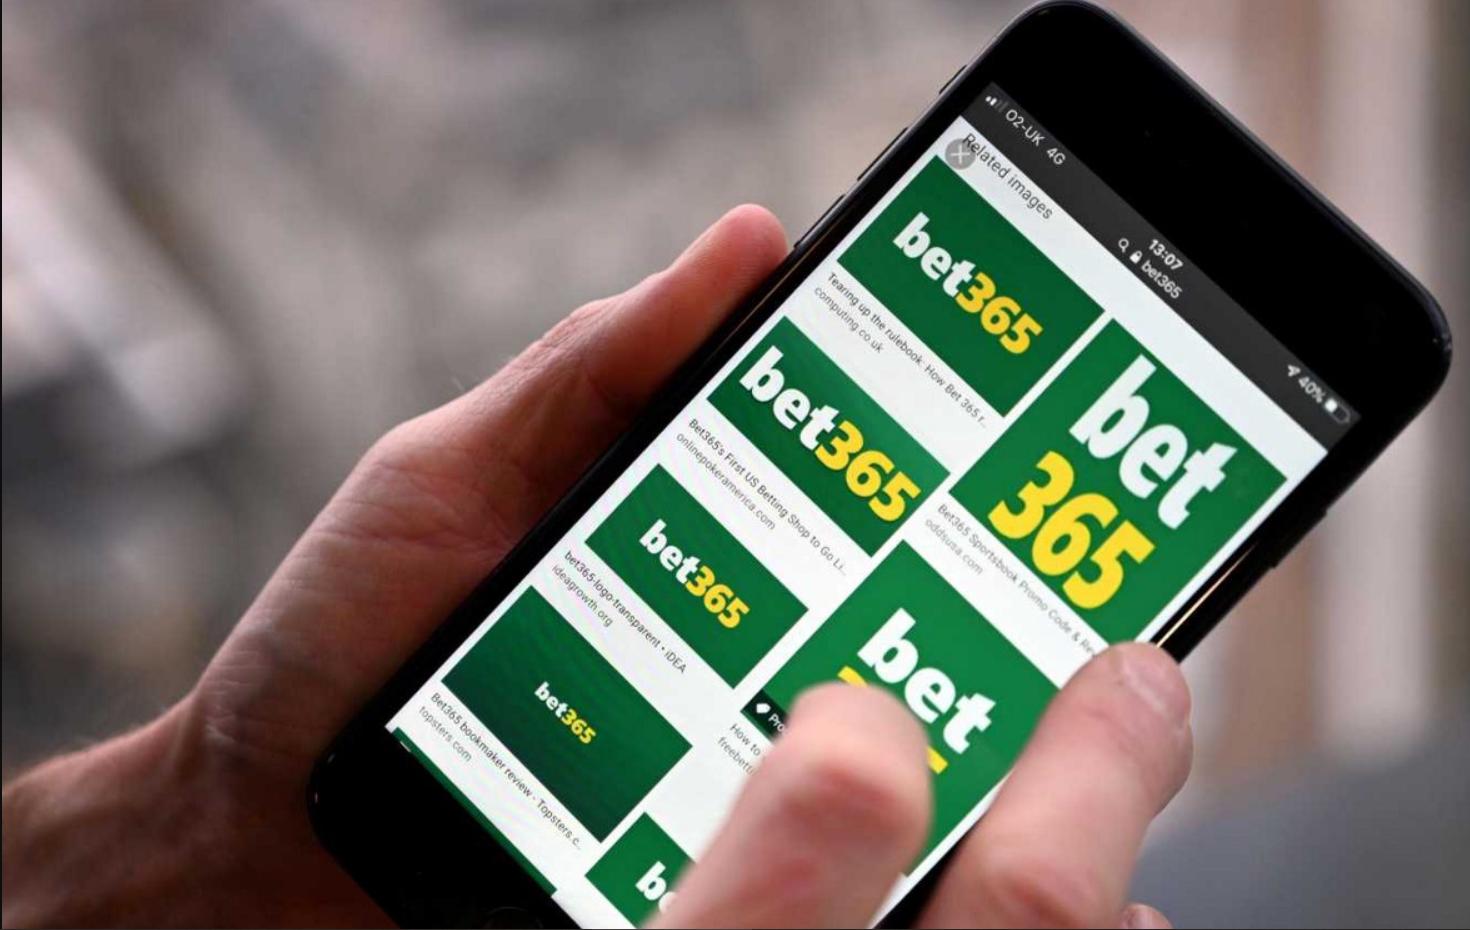 Como começar a apostar Bet365 mobile